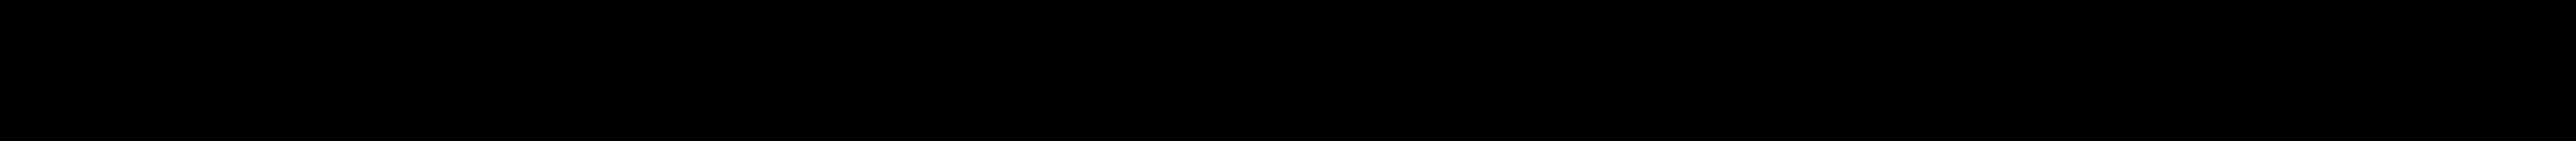 client_logos_v3